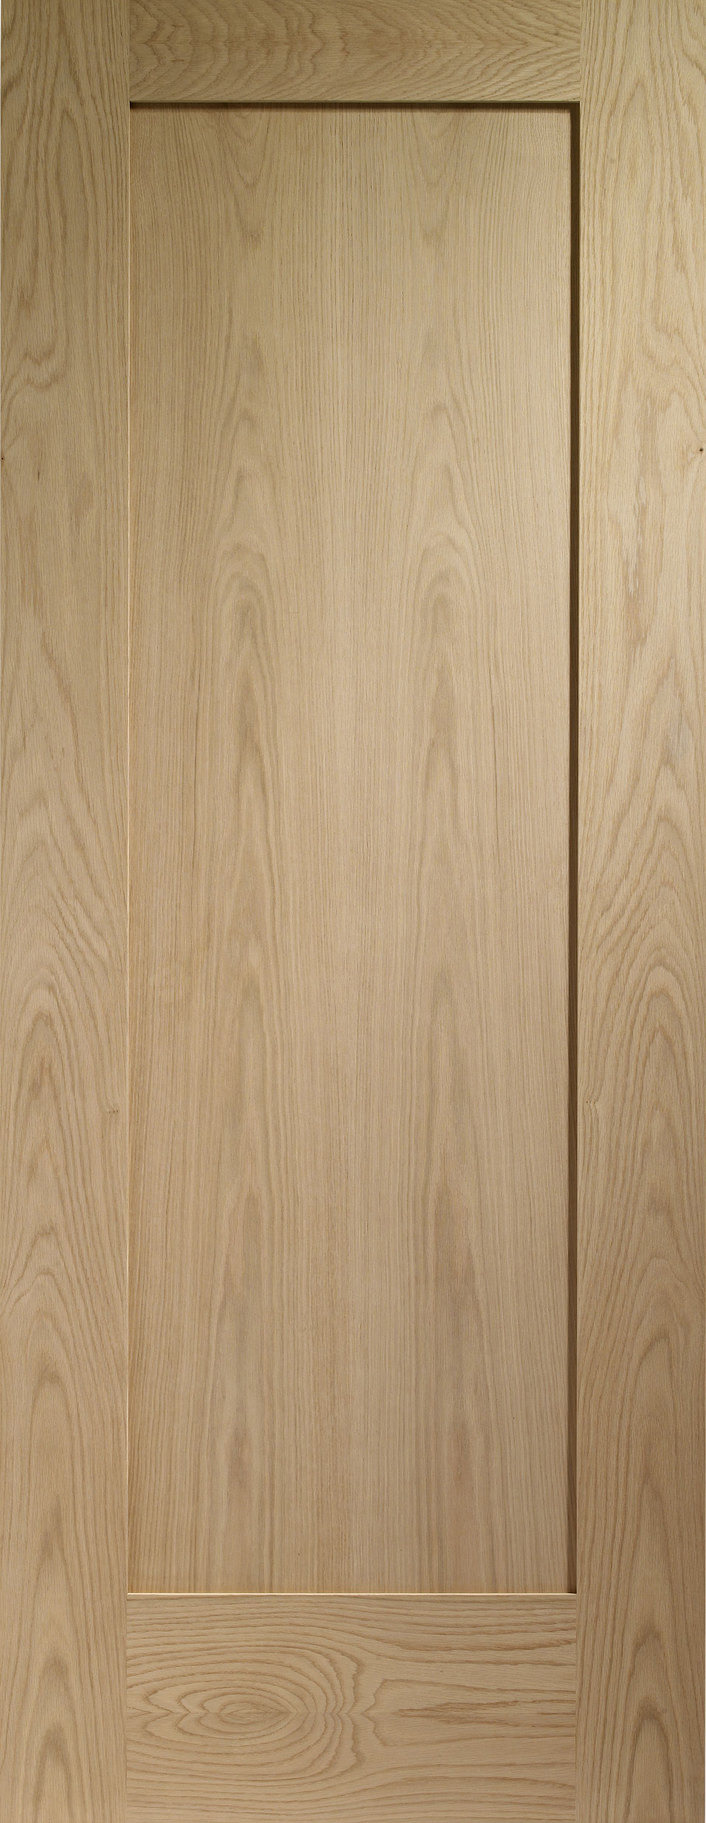 Panel quarter sawn white oak interior door craftsman interior doors - 1 Panel Oak Doors